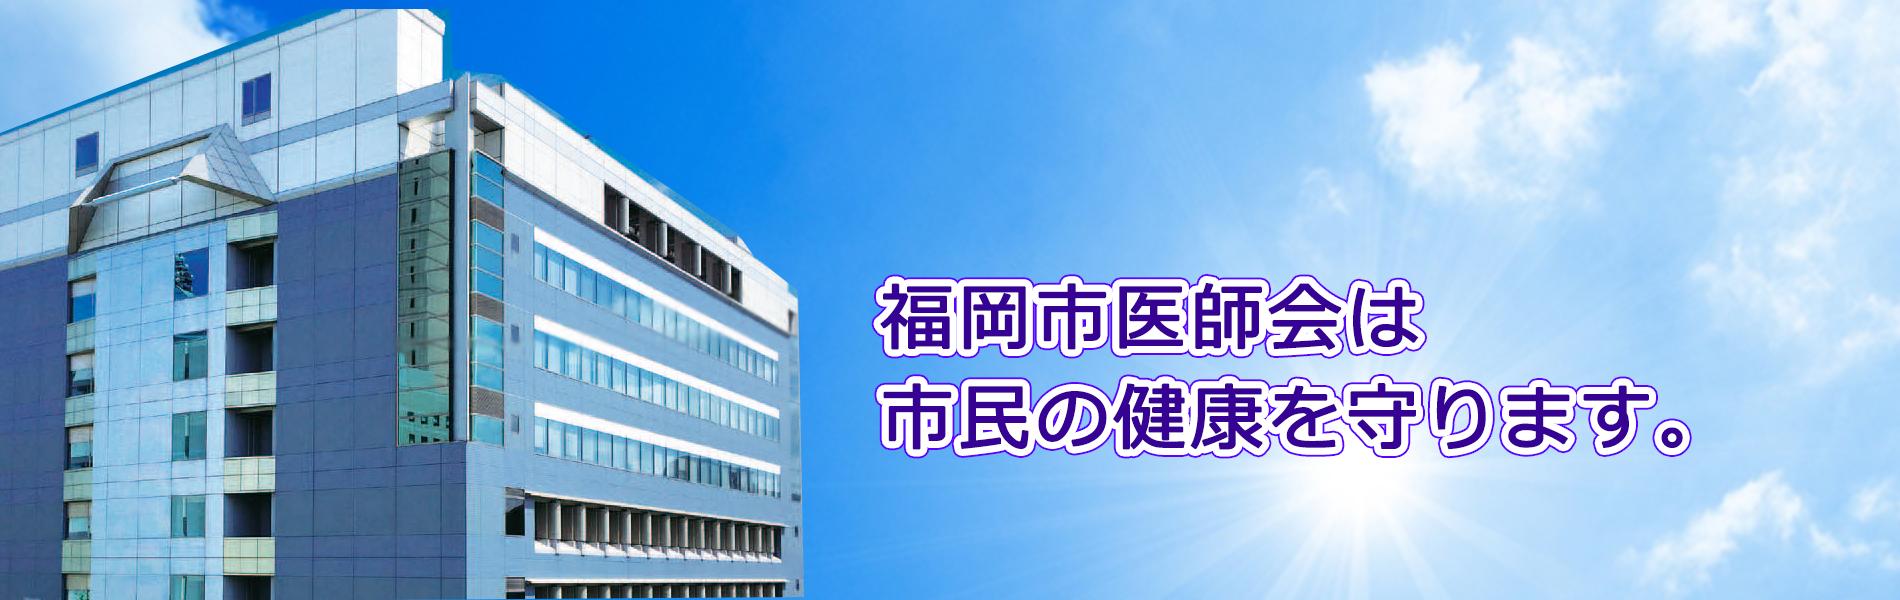 福岡市医師会